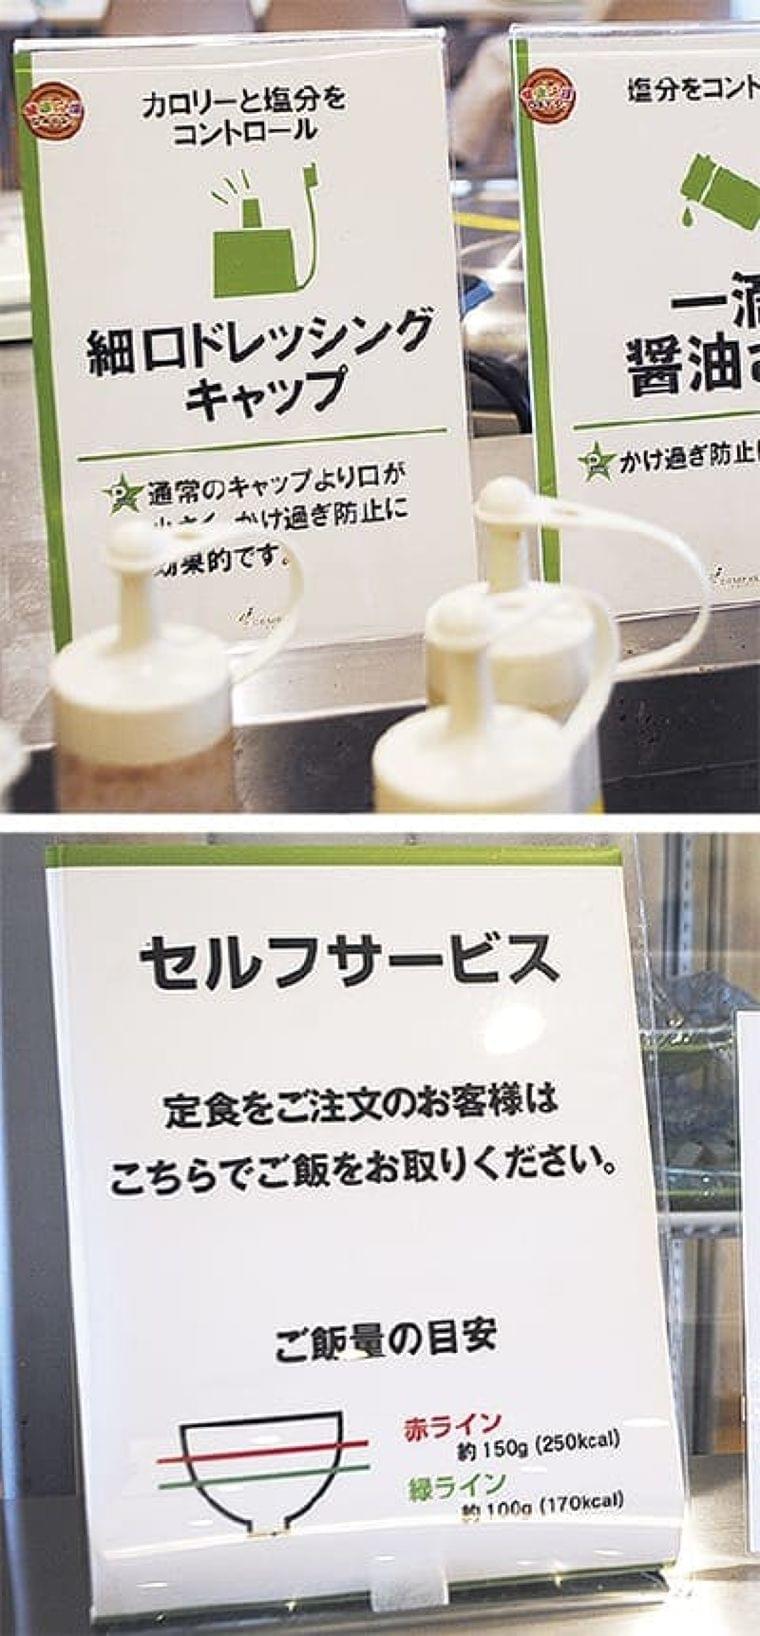 社食で食生活改善 鈴廣 メタボ社員減少など効果 小田原市 - タウンニュース